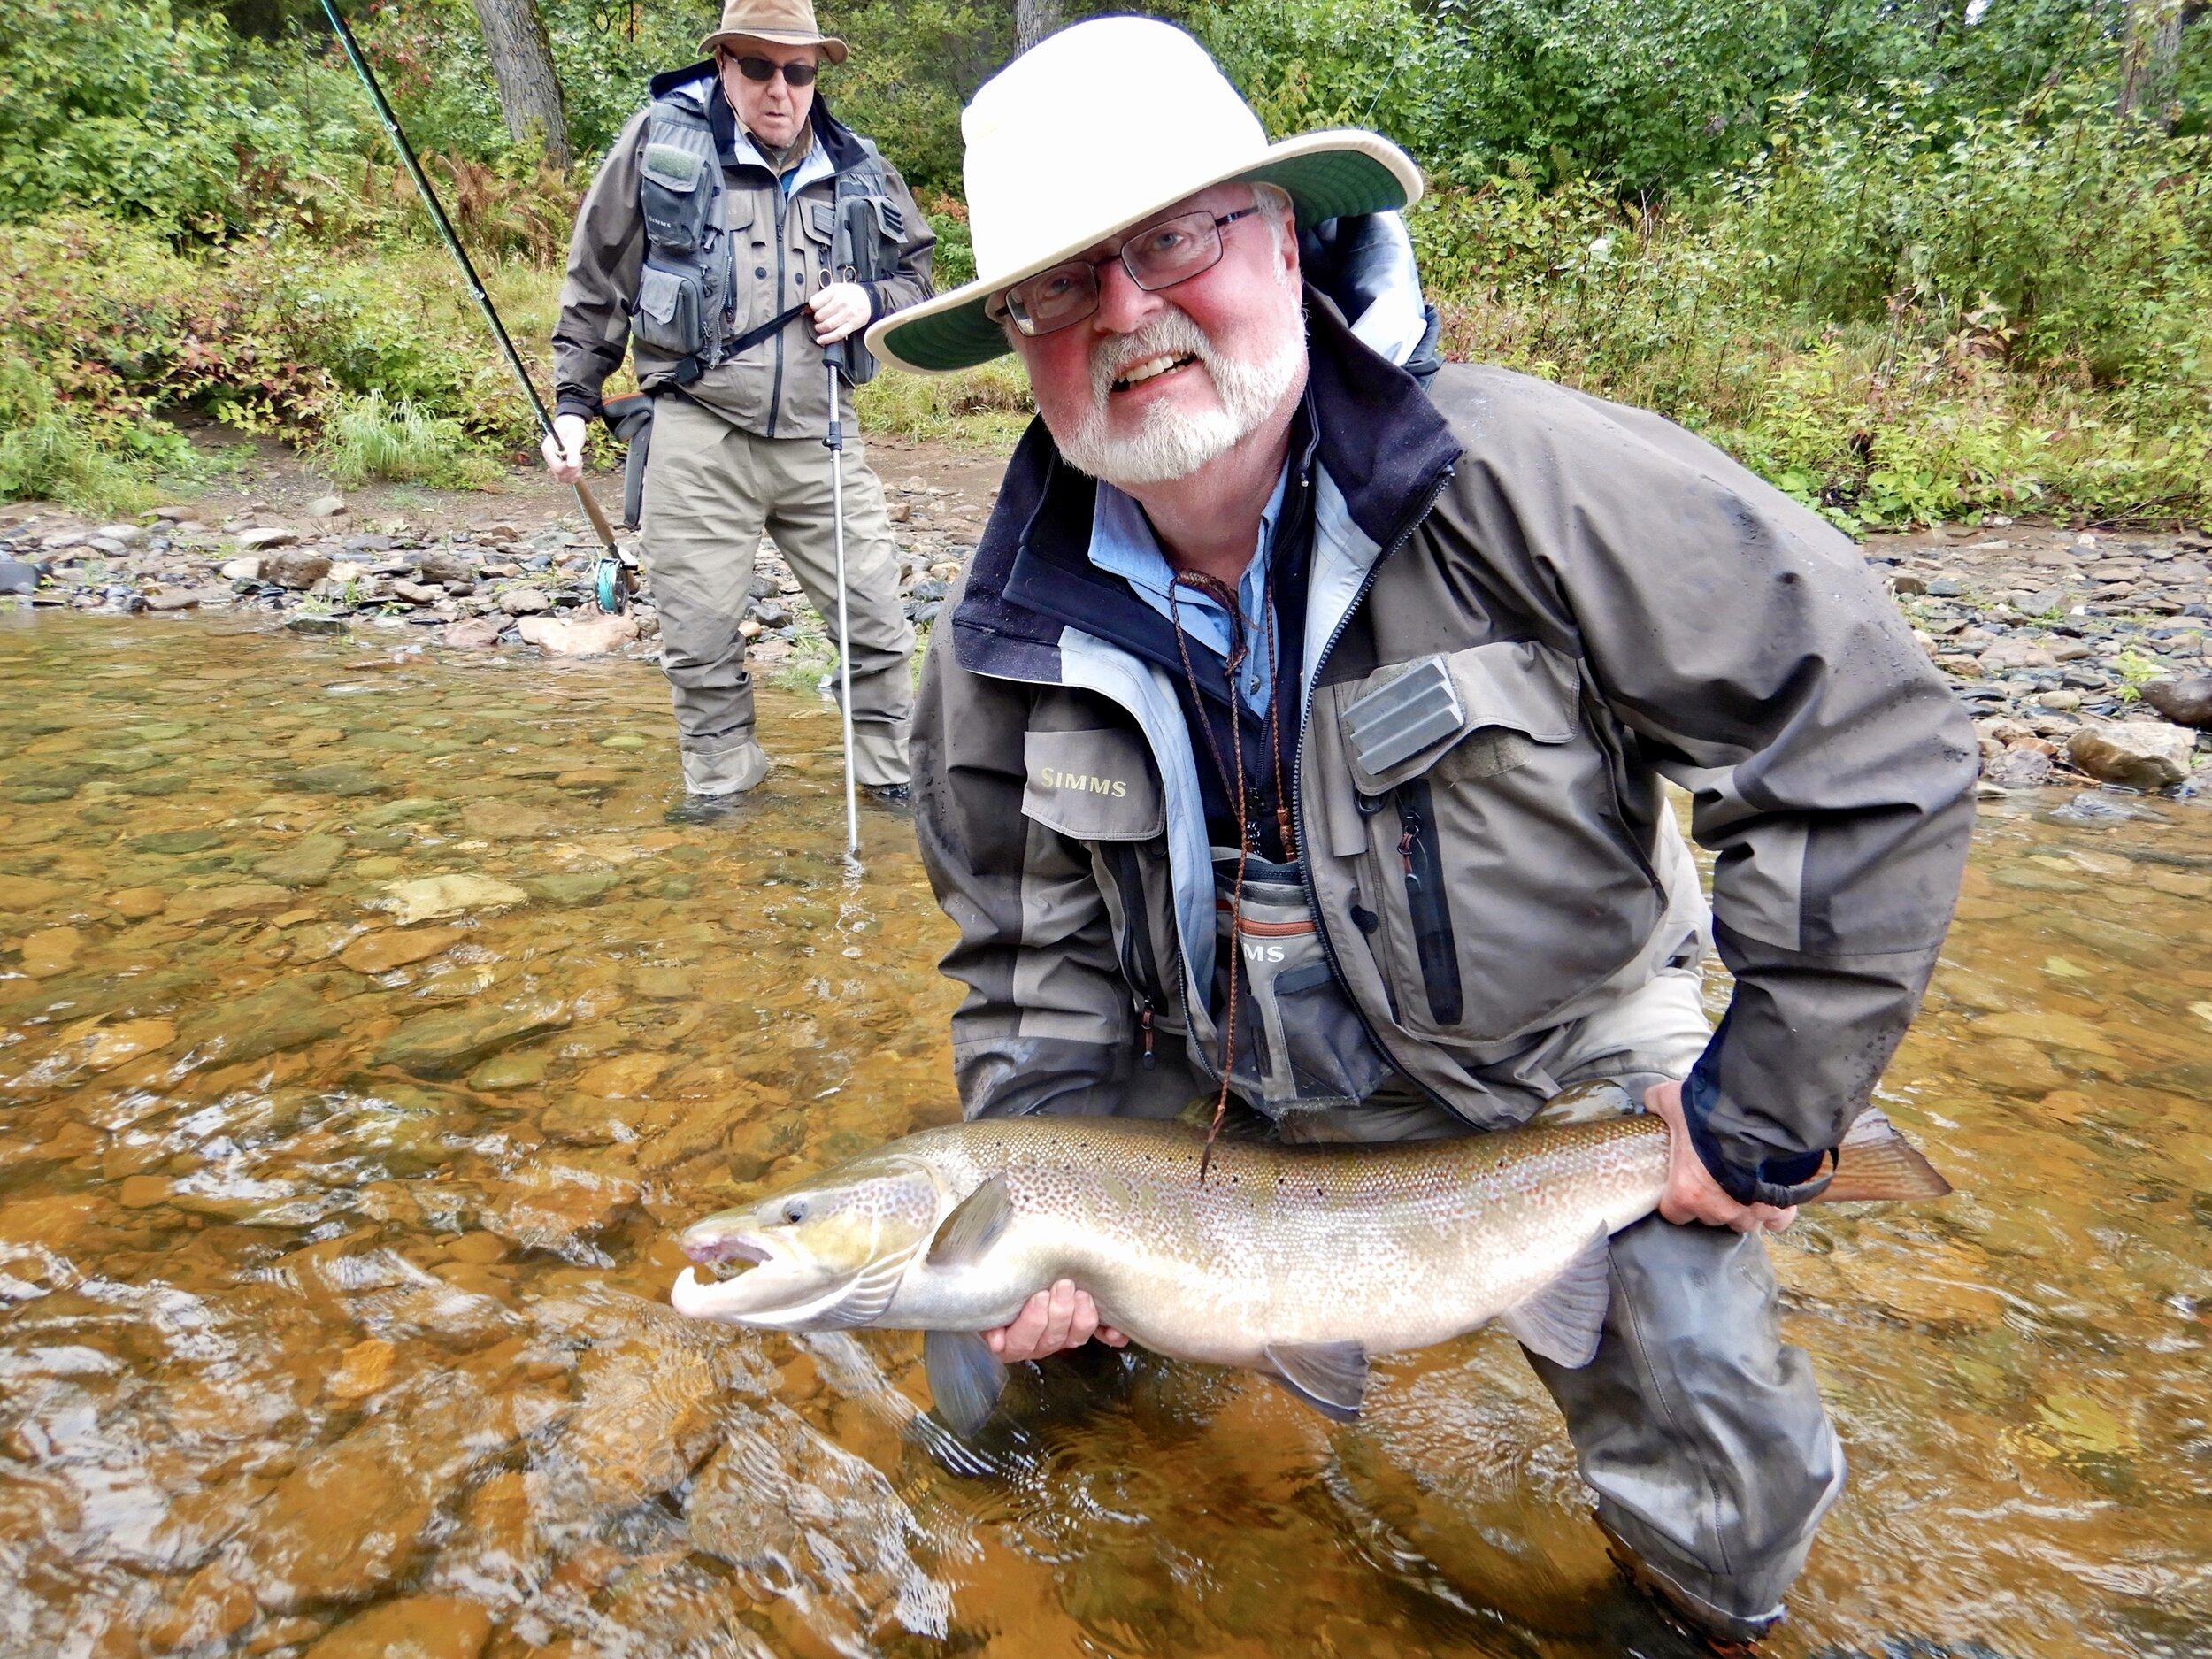 John Graham, qui en était à sa première visite, a capturé ce magnifique saumon dans la Cascapédia. Bravo, John! Nous avons très hâte de te revoir l'an prochain!